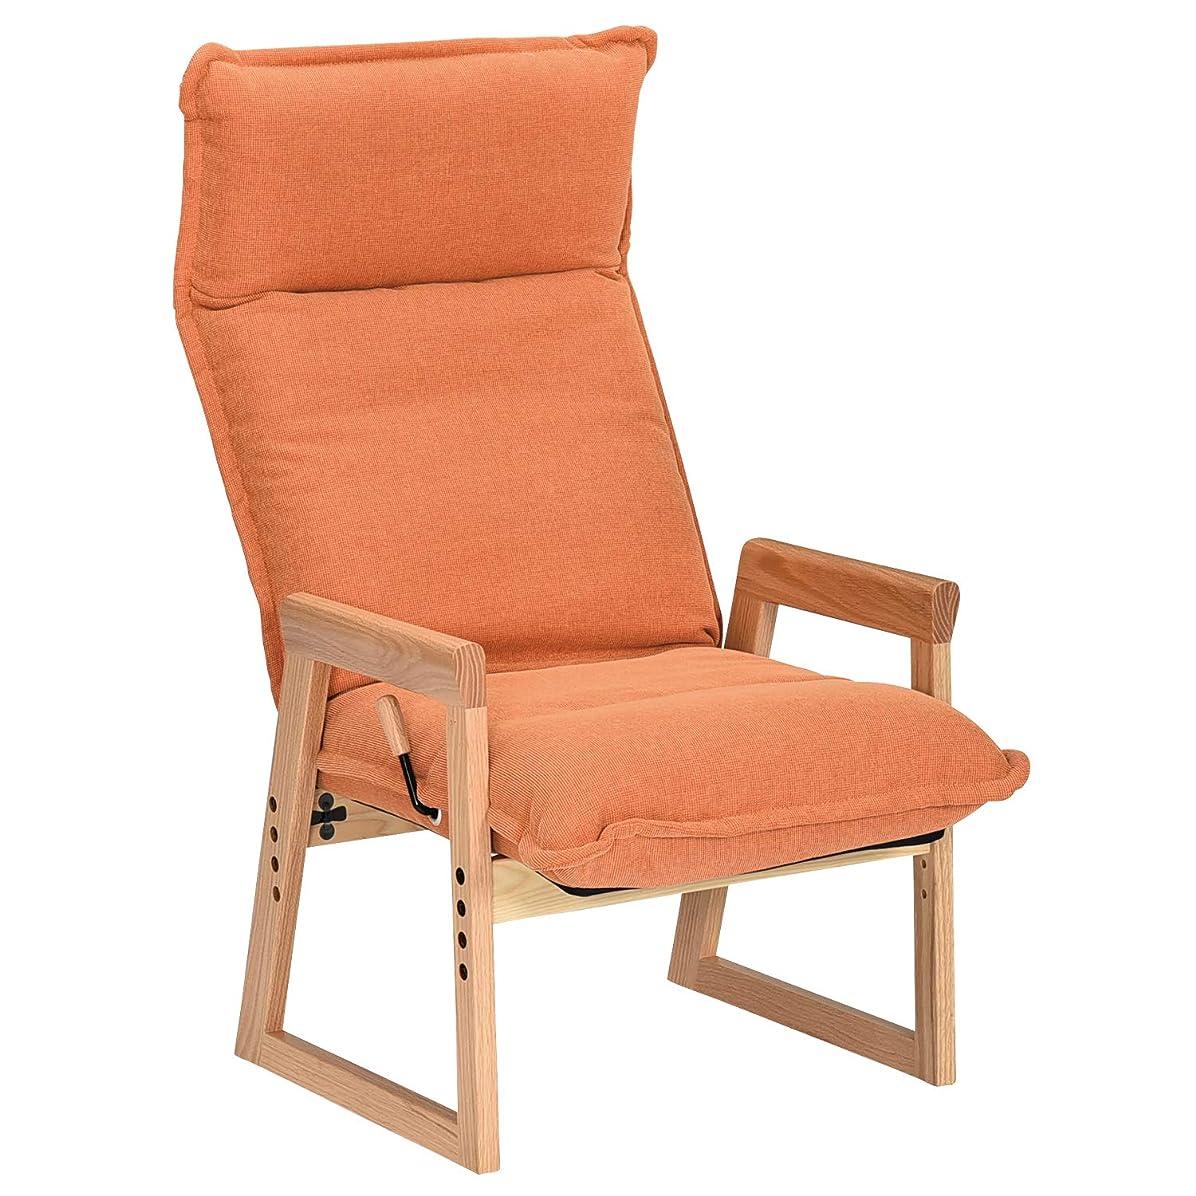 電気灌漑毒性タマリビング(Tamaliving) セディアⅡ リクライニングチェア (オレンジ) 6段階調整 [椅子/木製脚/ナチュラルテイスト] 50001055